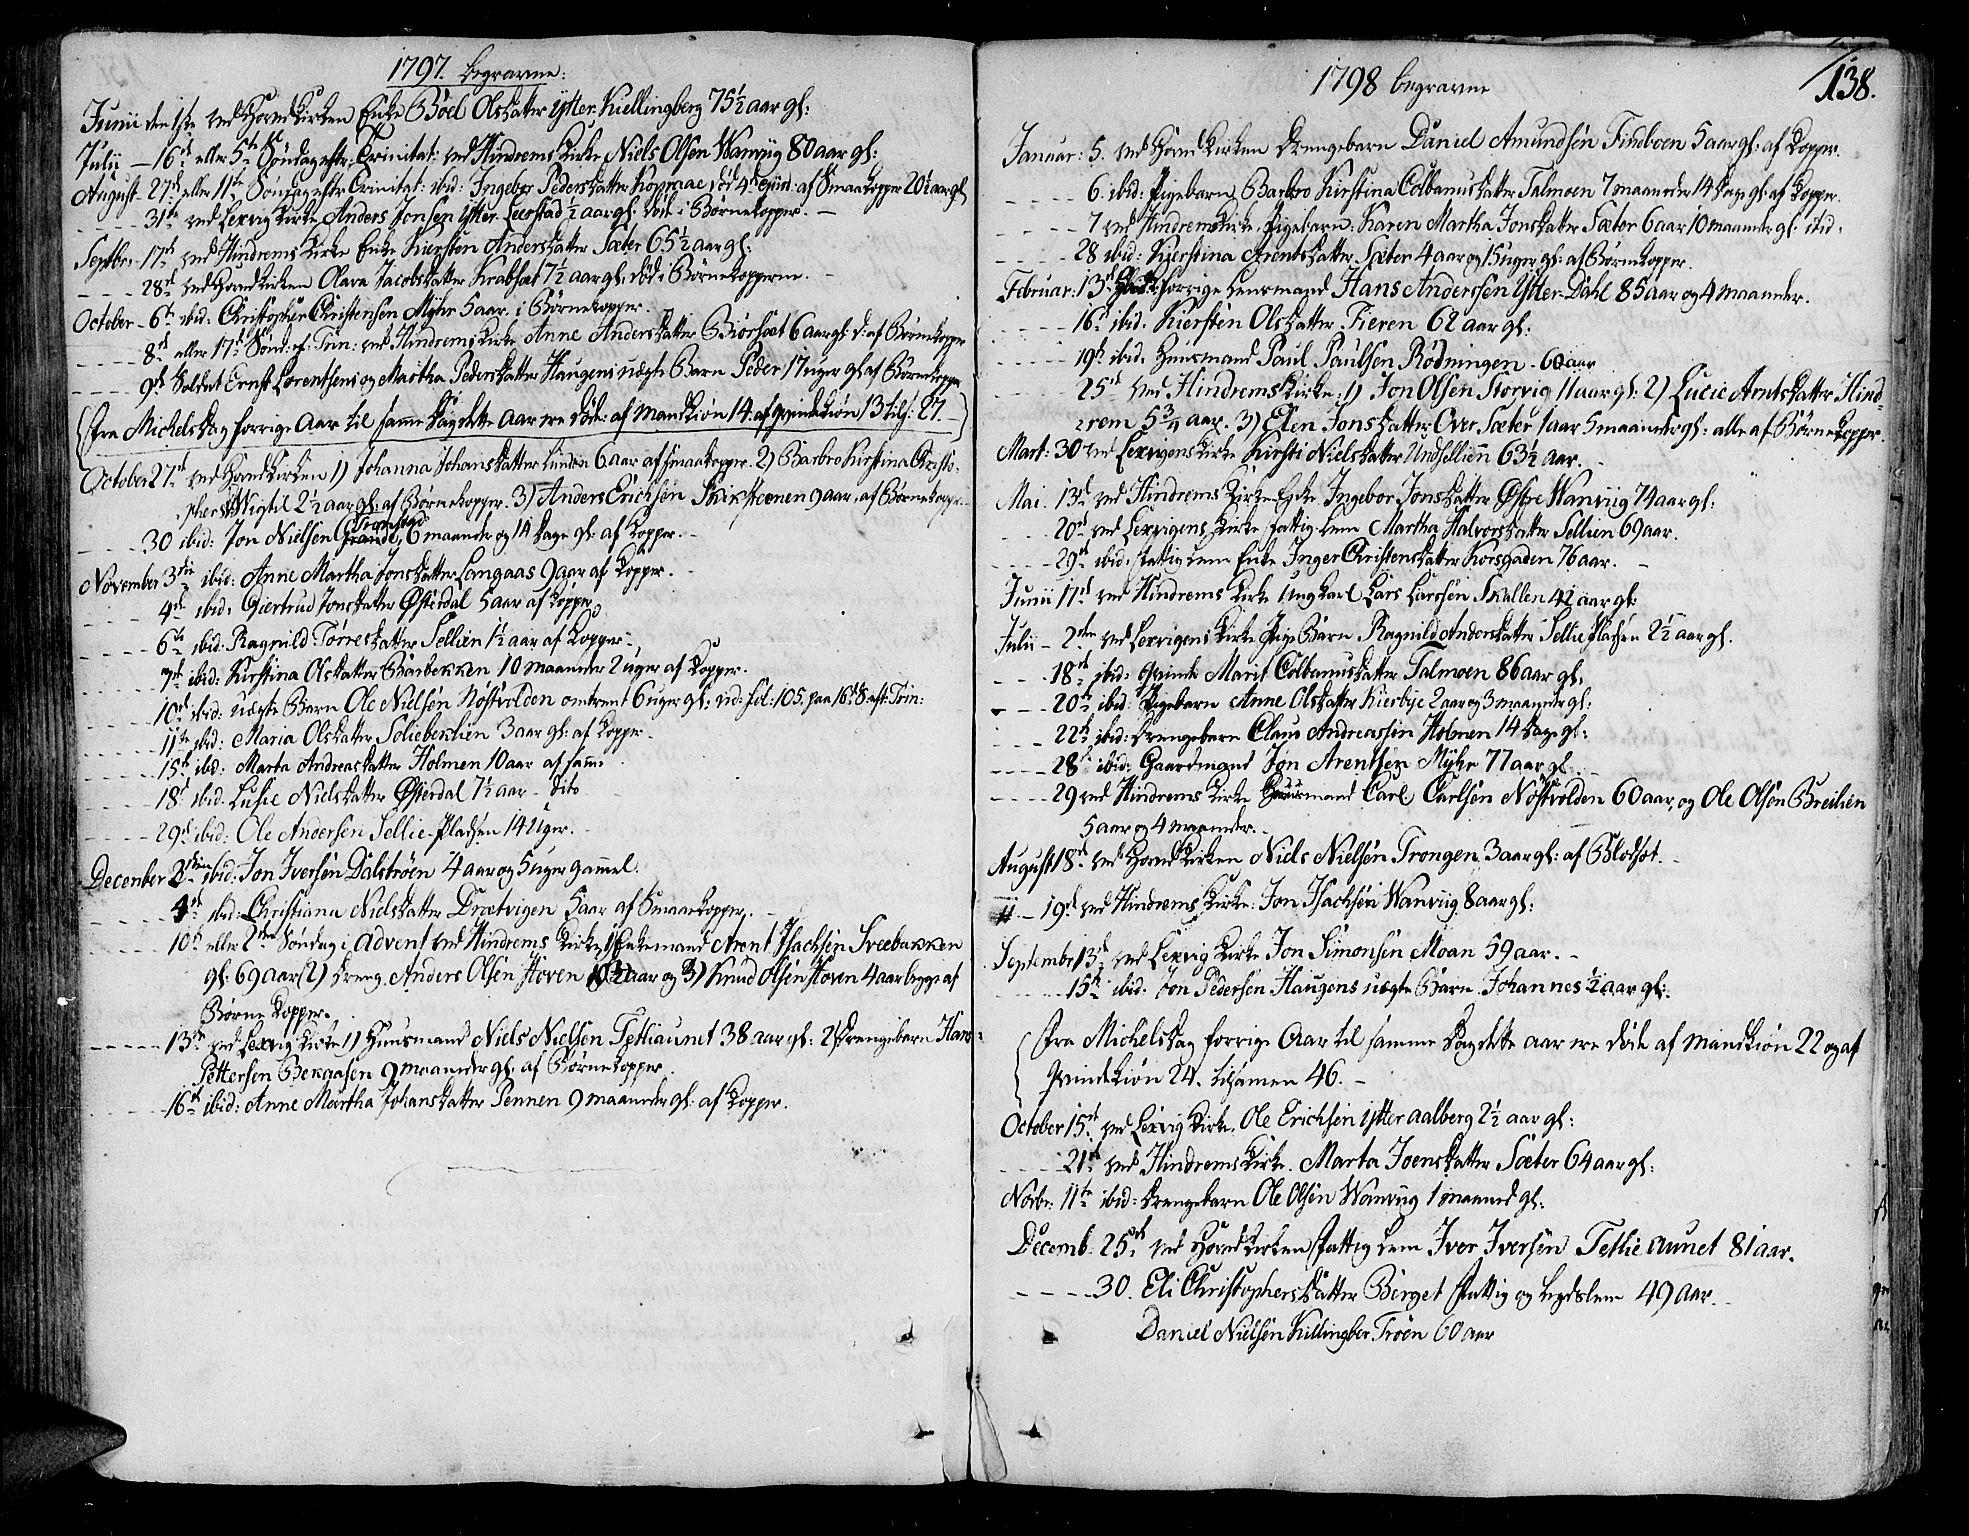 SAT, Ministerialprotokoller, klokkerbøker og fødselsregistre - Nord-Trøndelag, 701/L0004: Ministerialbok nr. 701A04, 1783-1816, s. 138